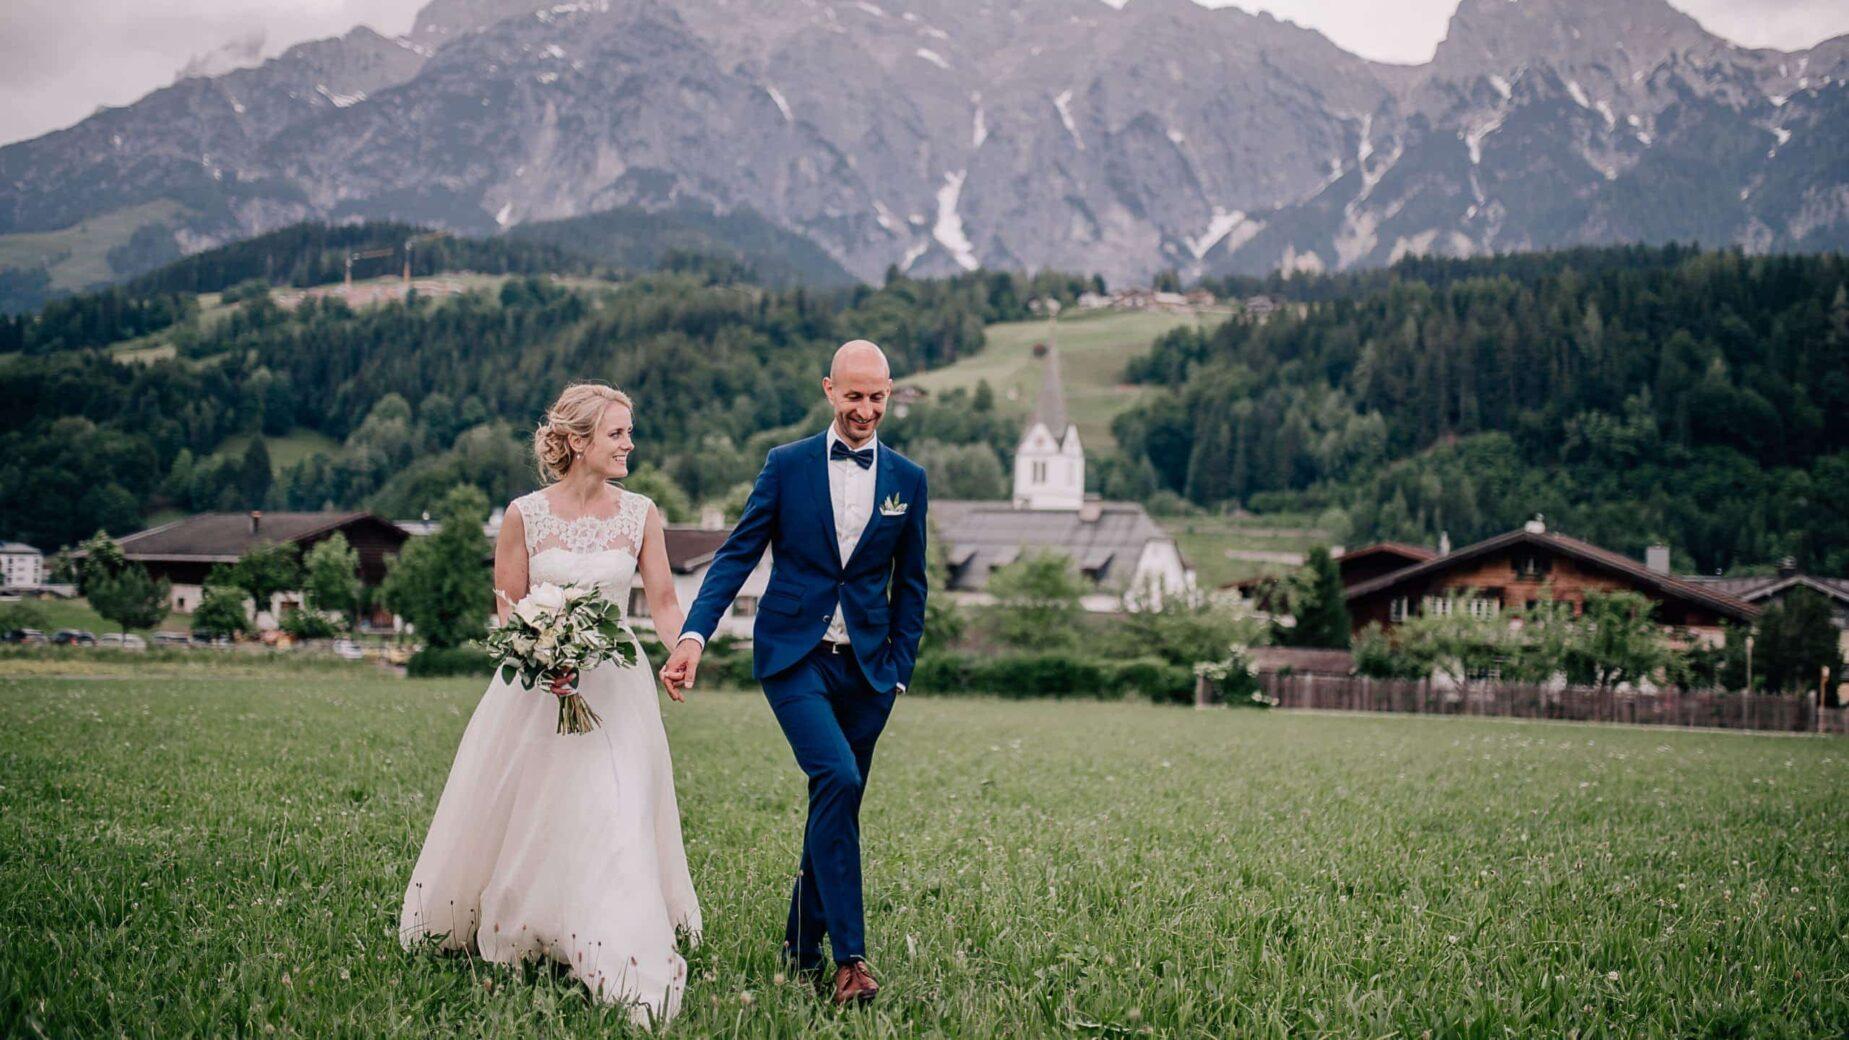 Professionelle Hochzeitsfotografie - Hochzeitsreportage in Leogang am Kirchenwirt in den Bergen, Hochzeitsfotos von Mica Zeitz, Jung und Wild design rund um München, Ingolstadt, Pfaffenhofen, Augsburg